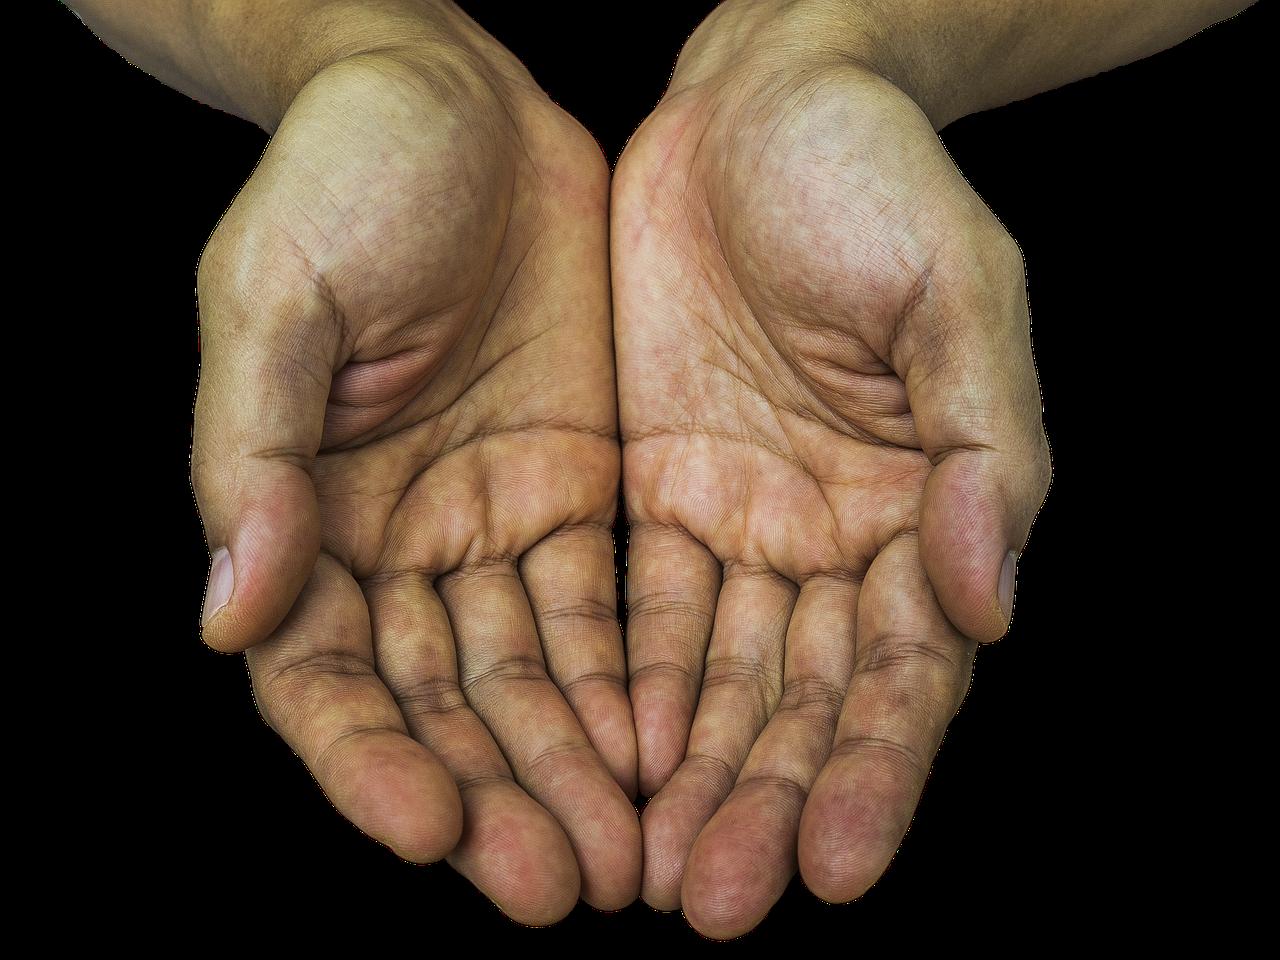 ruce čekající na peníze